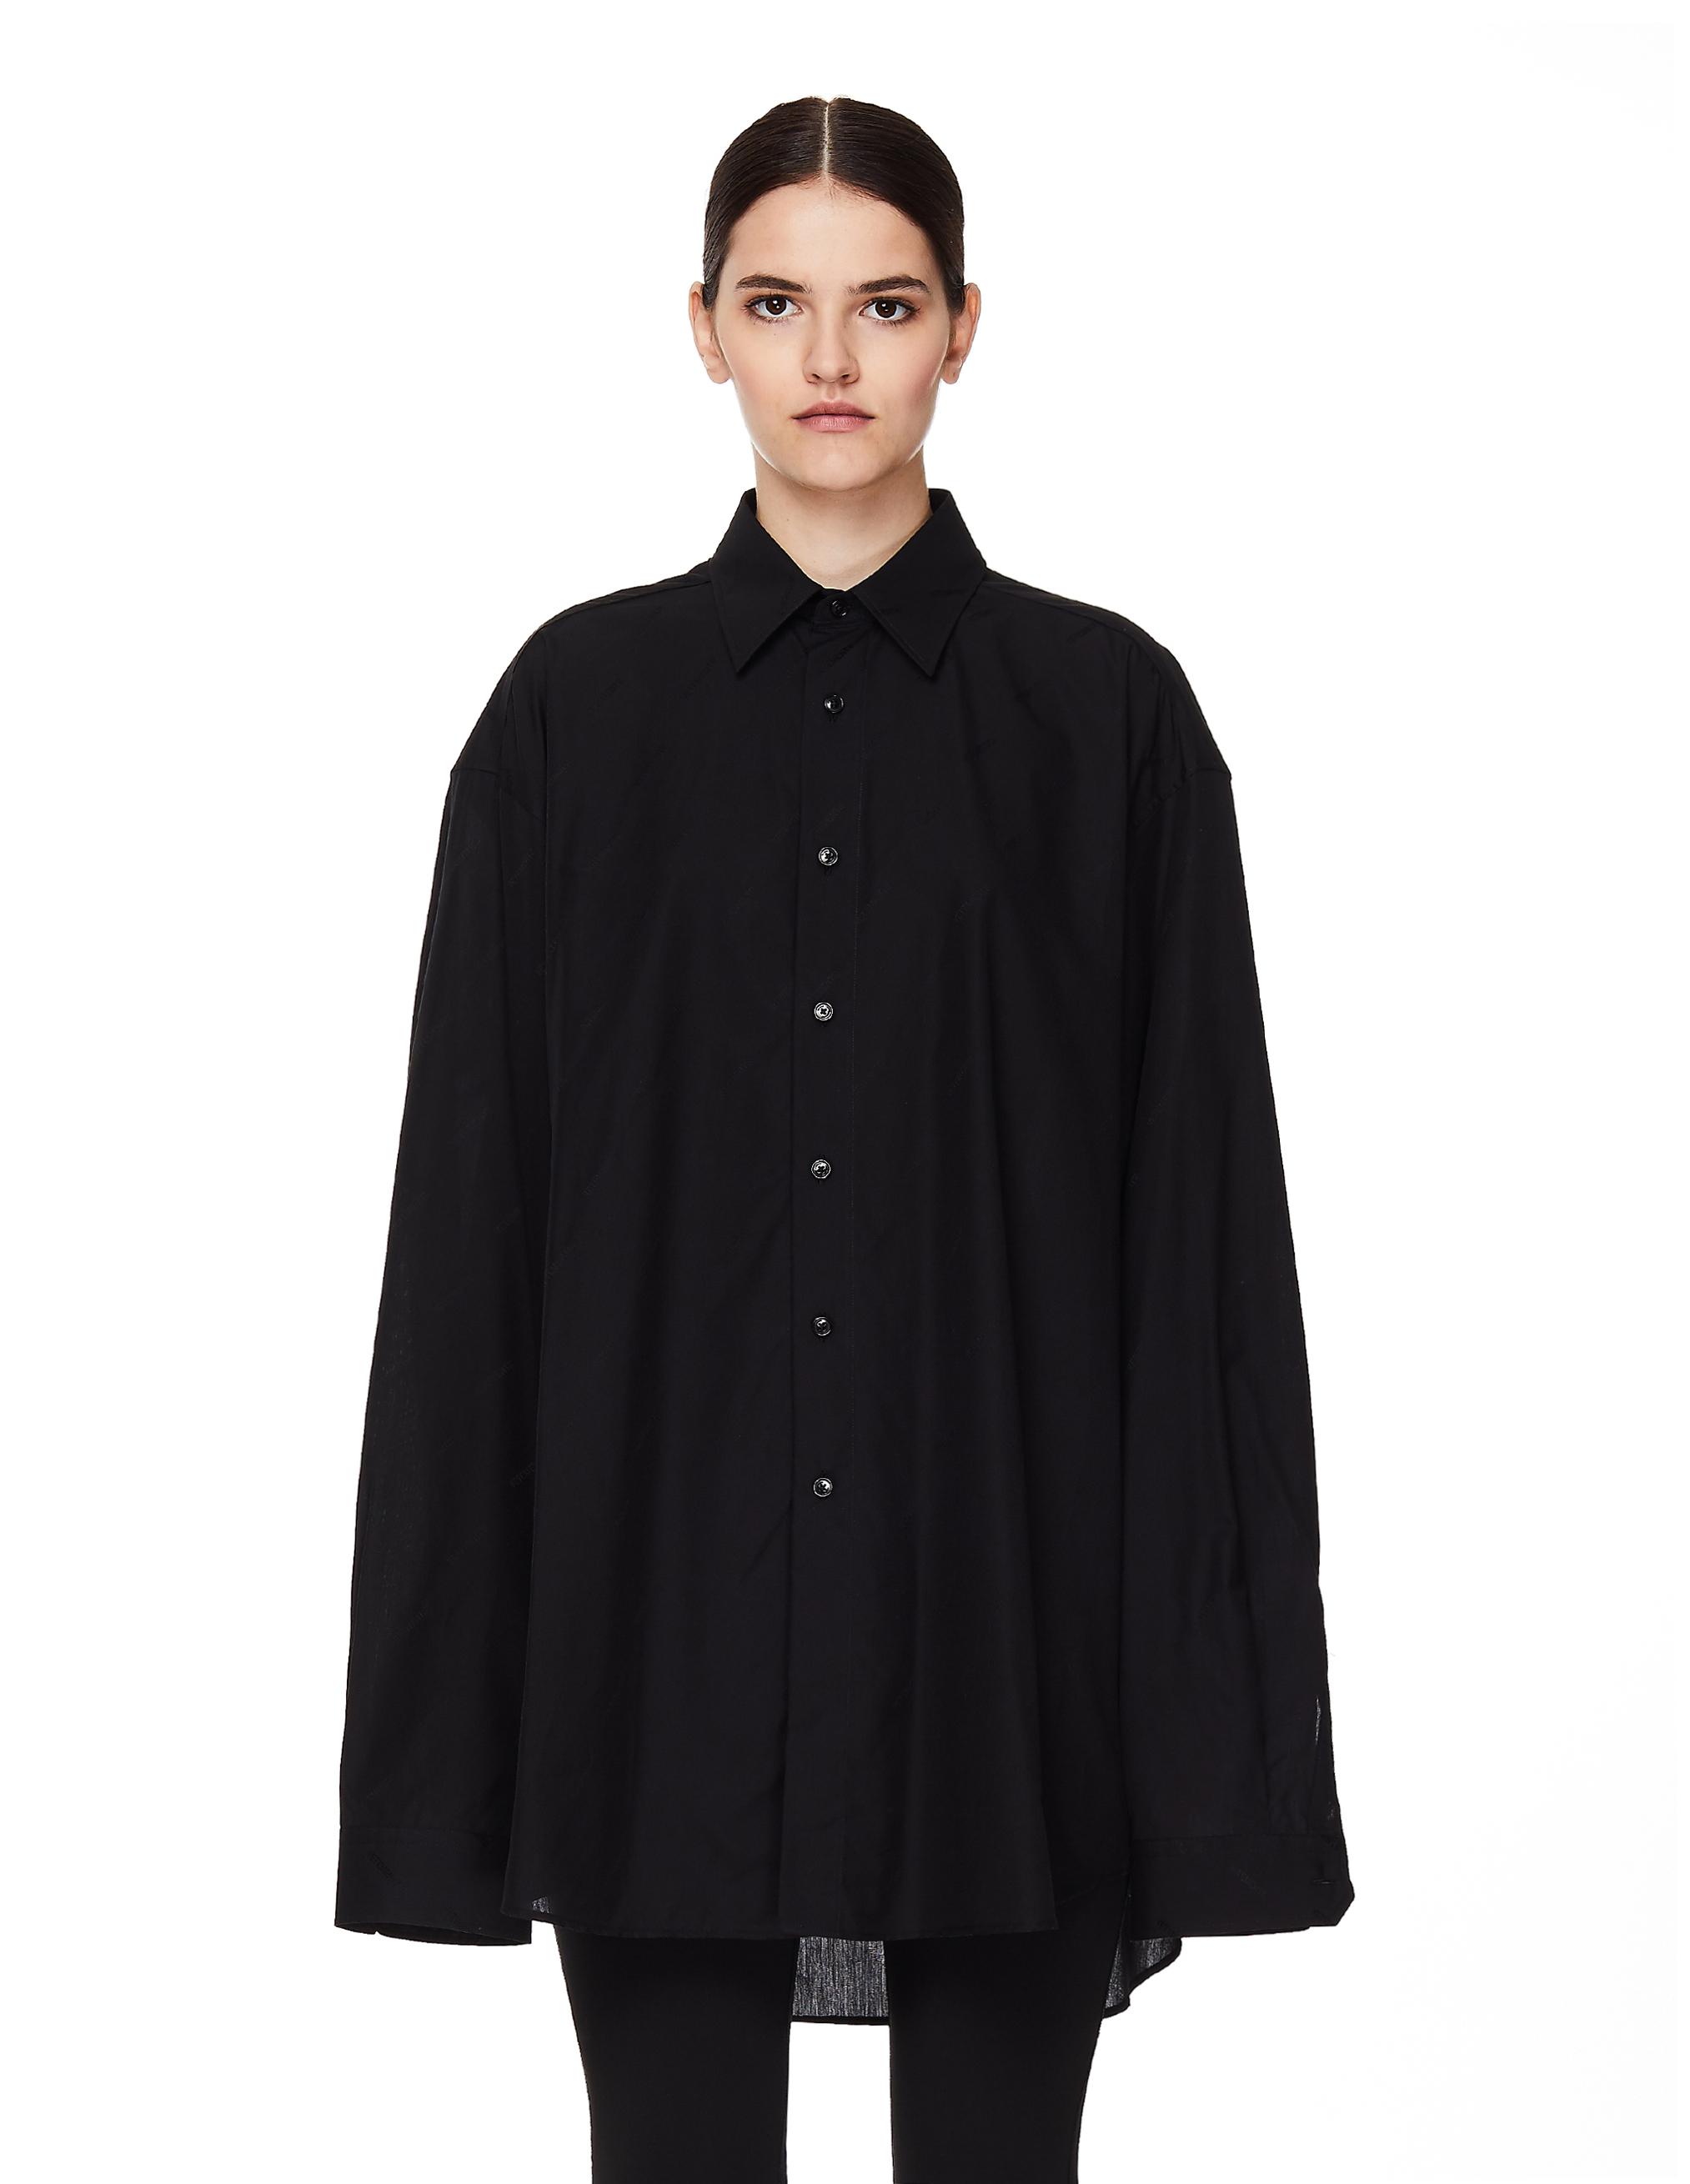 Vetements Black Cotton Shirt